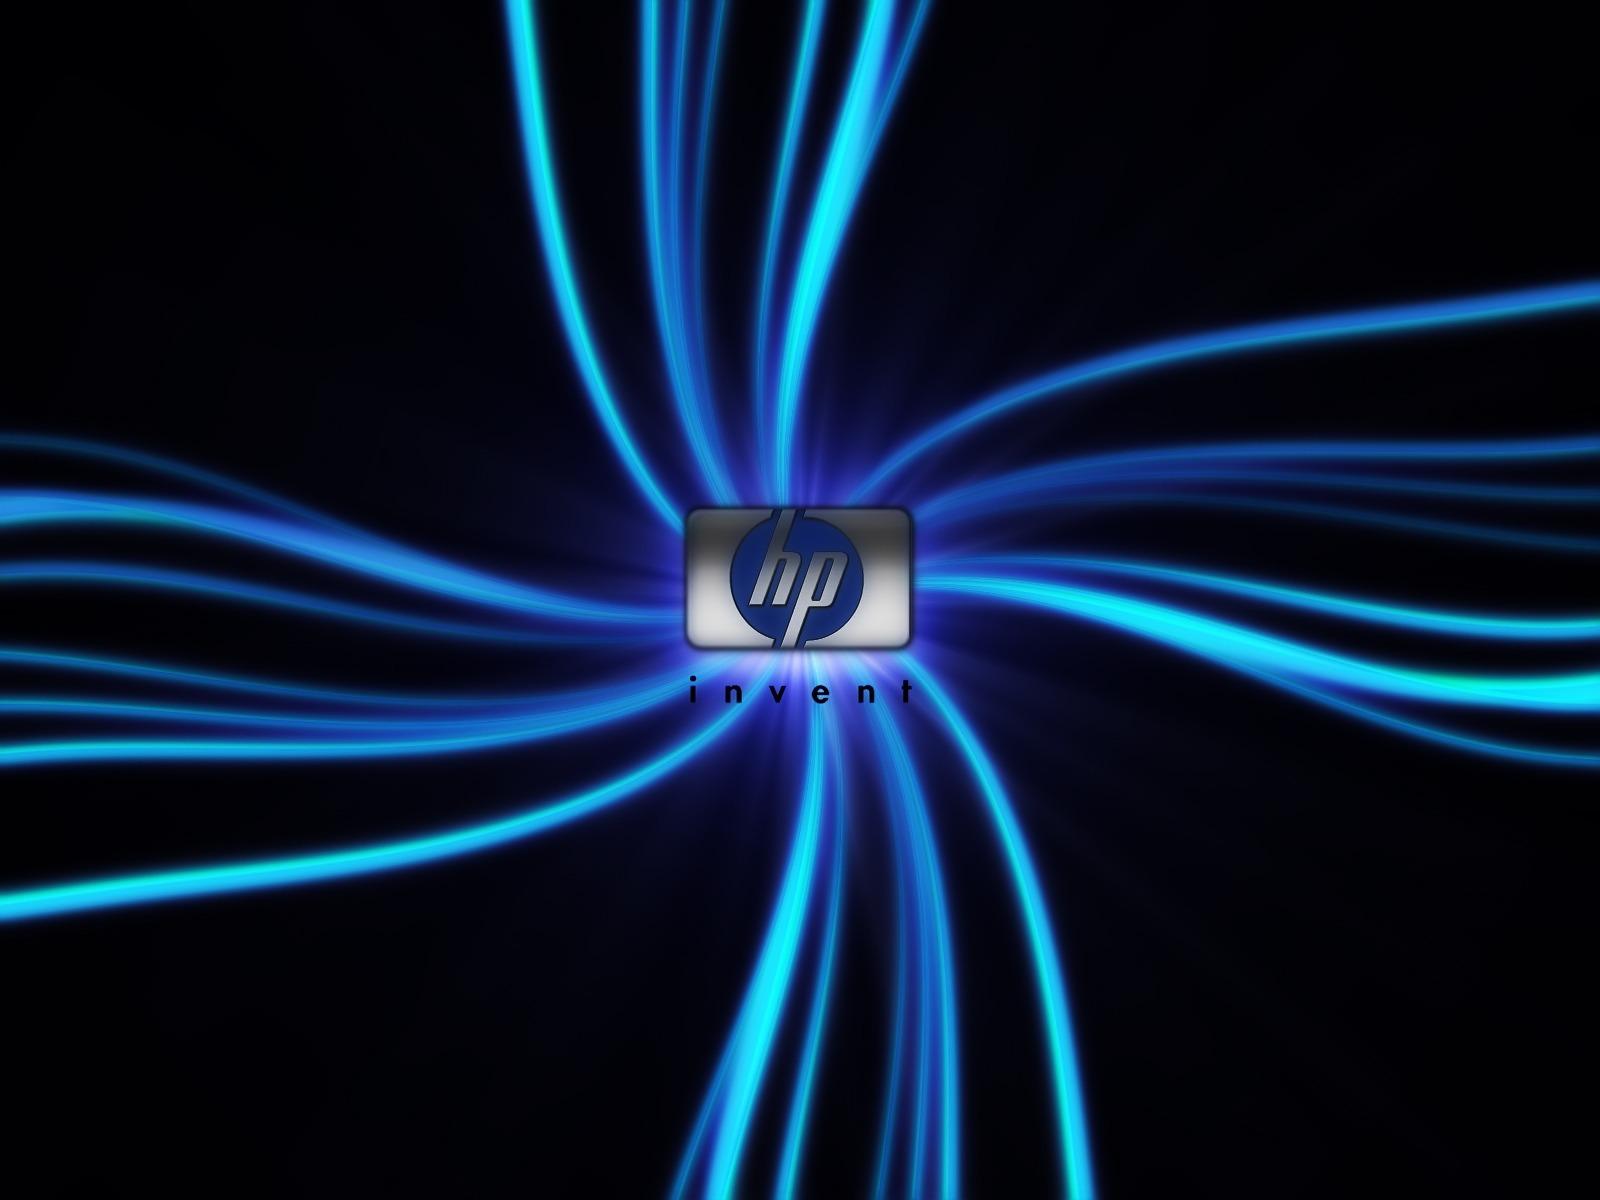 http://3.bp.blogspot.com/-Gw7PzpplUvk/UODvQn5VrjI/AAAAAAAACHE/oA1e3z5B8tw/s1600/hp-invent-wallpaper.jpg